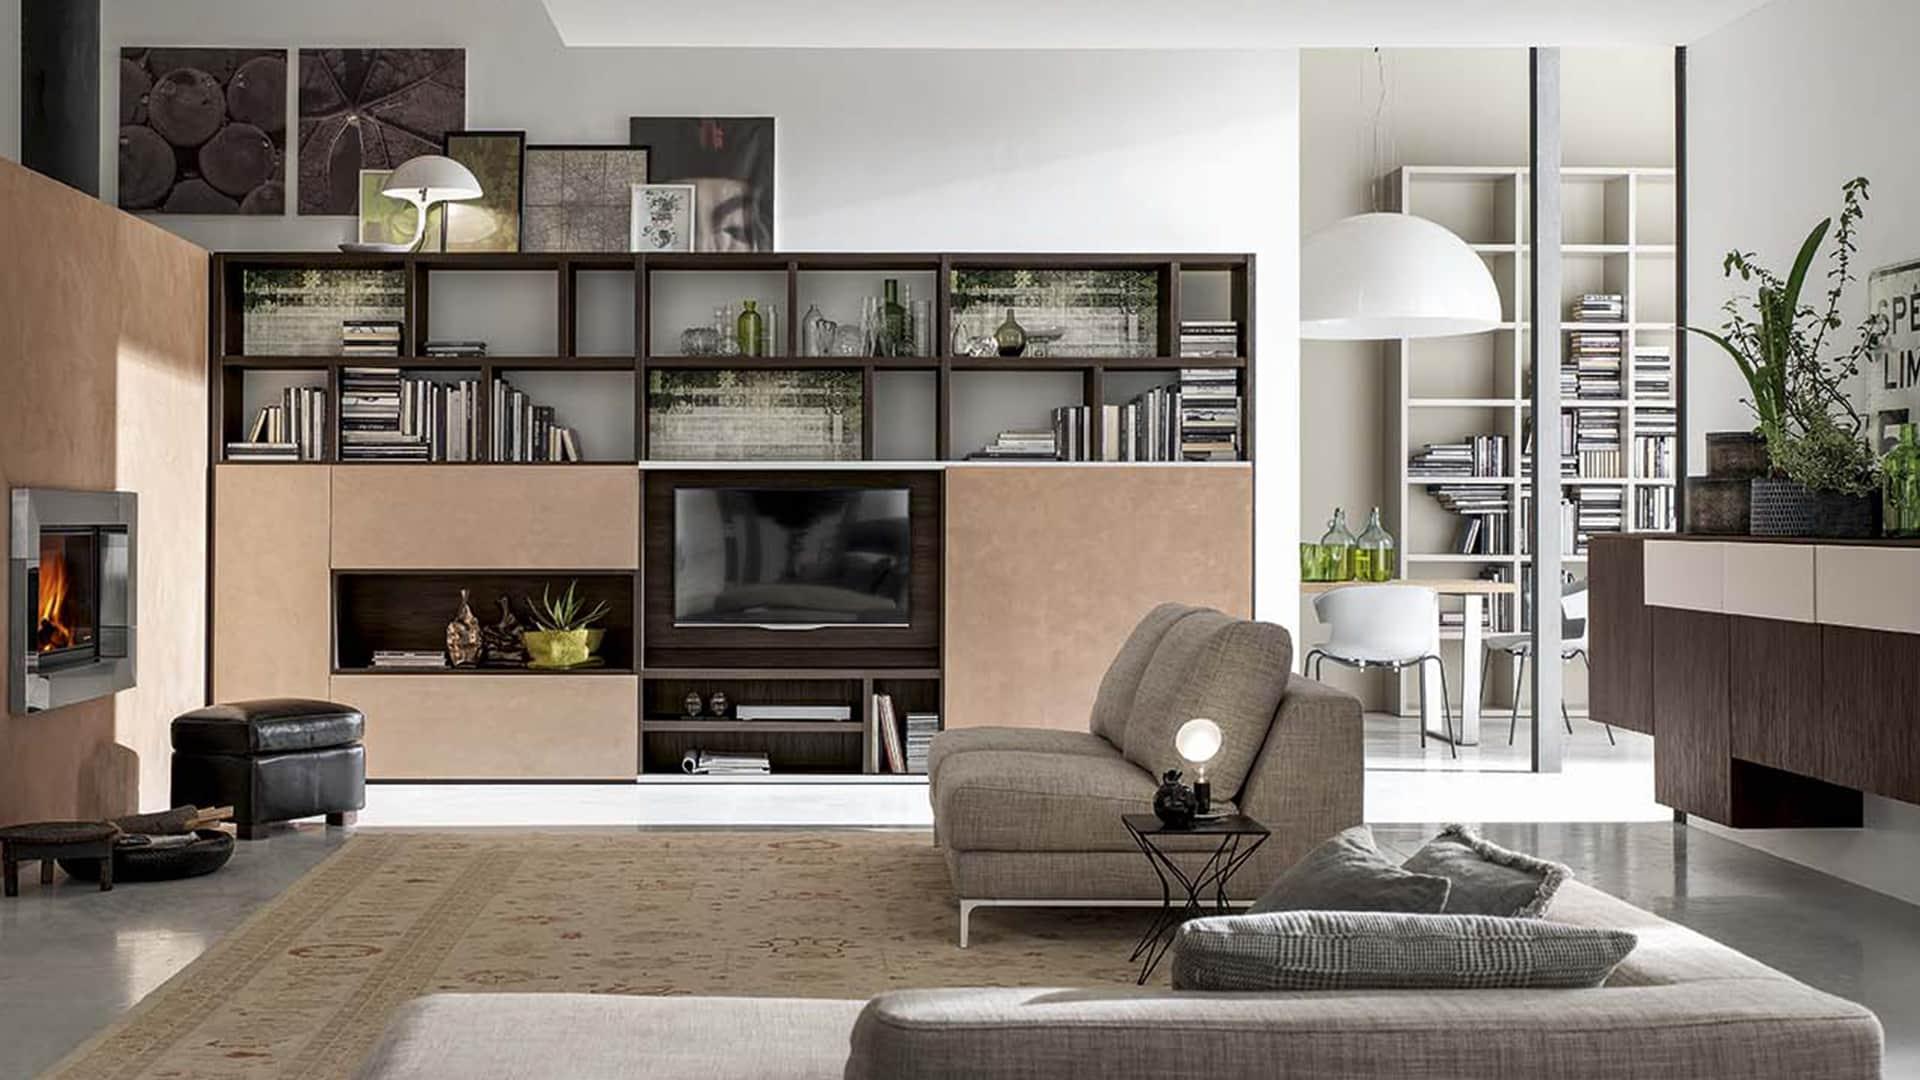 Vendita di mobili per soggiorno a padova mobili da - Mobili ikea catalogo ...